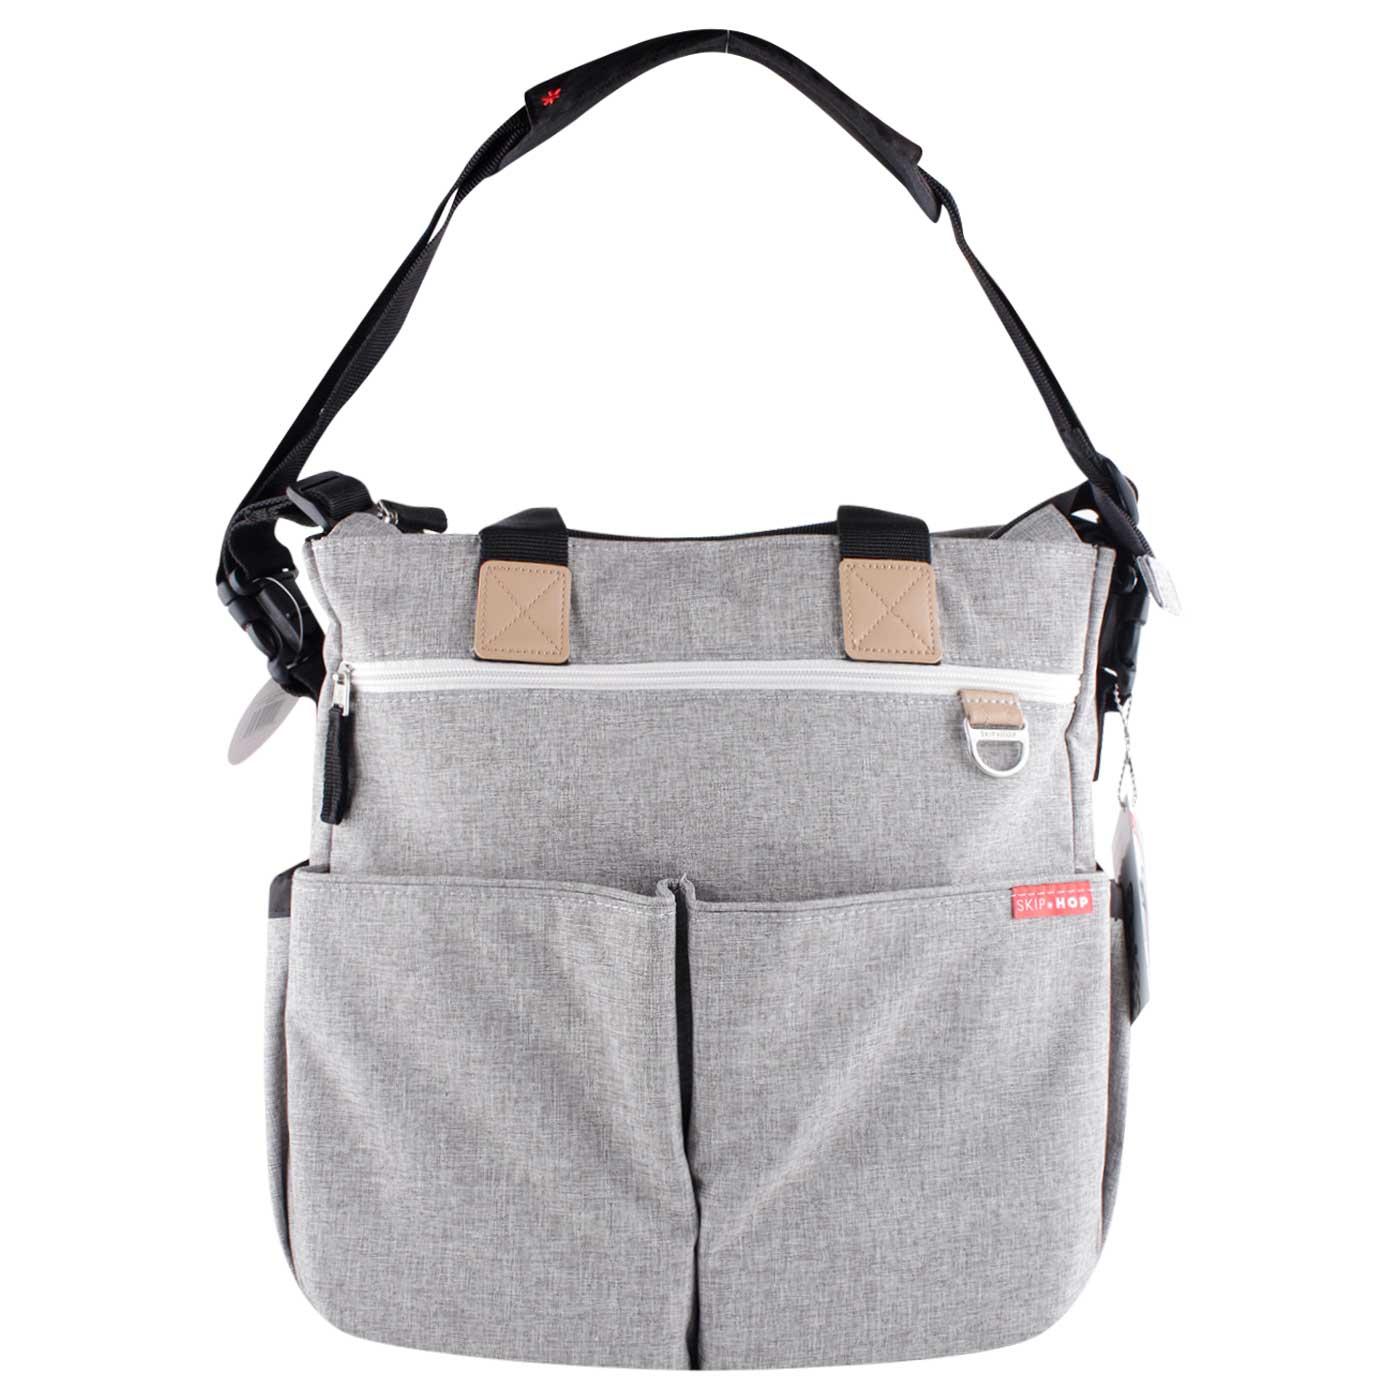 Skiphop Duo Signature Diaper Bag Grey Melange 2